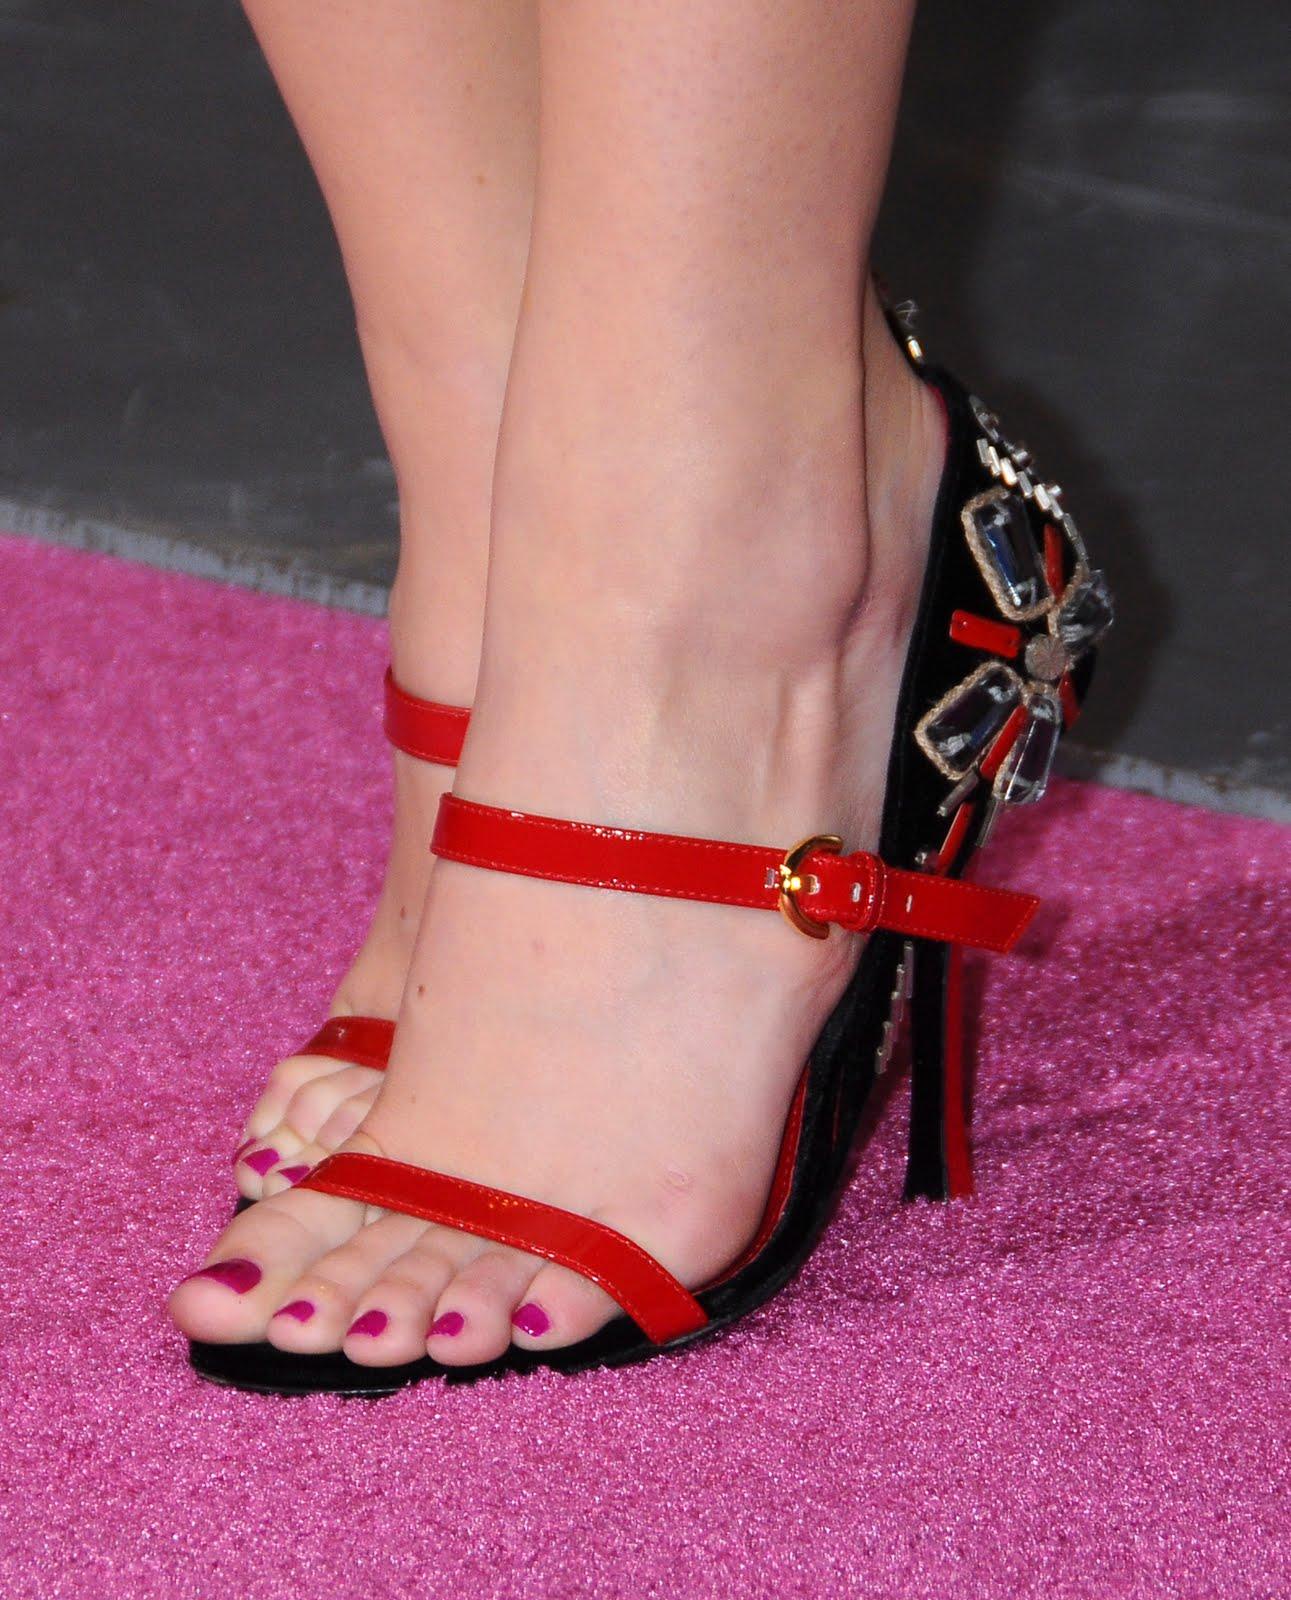 http://4.bp.blogspot.com/_bQ0SqifjNcg/TFkAbTN_NfI/AAAAAAAAaIA/sNg1abFV_kU/s1600/emm-stone-feet-3.jpg